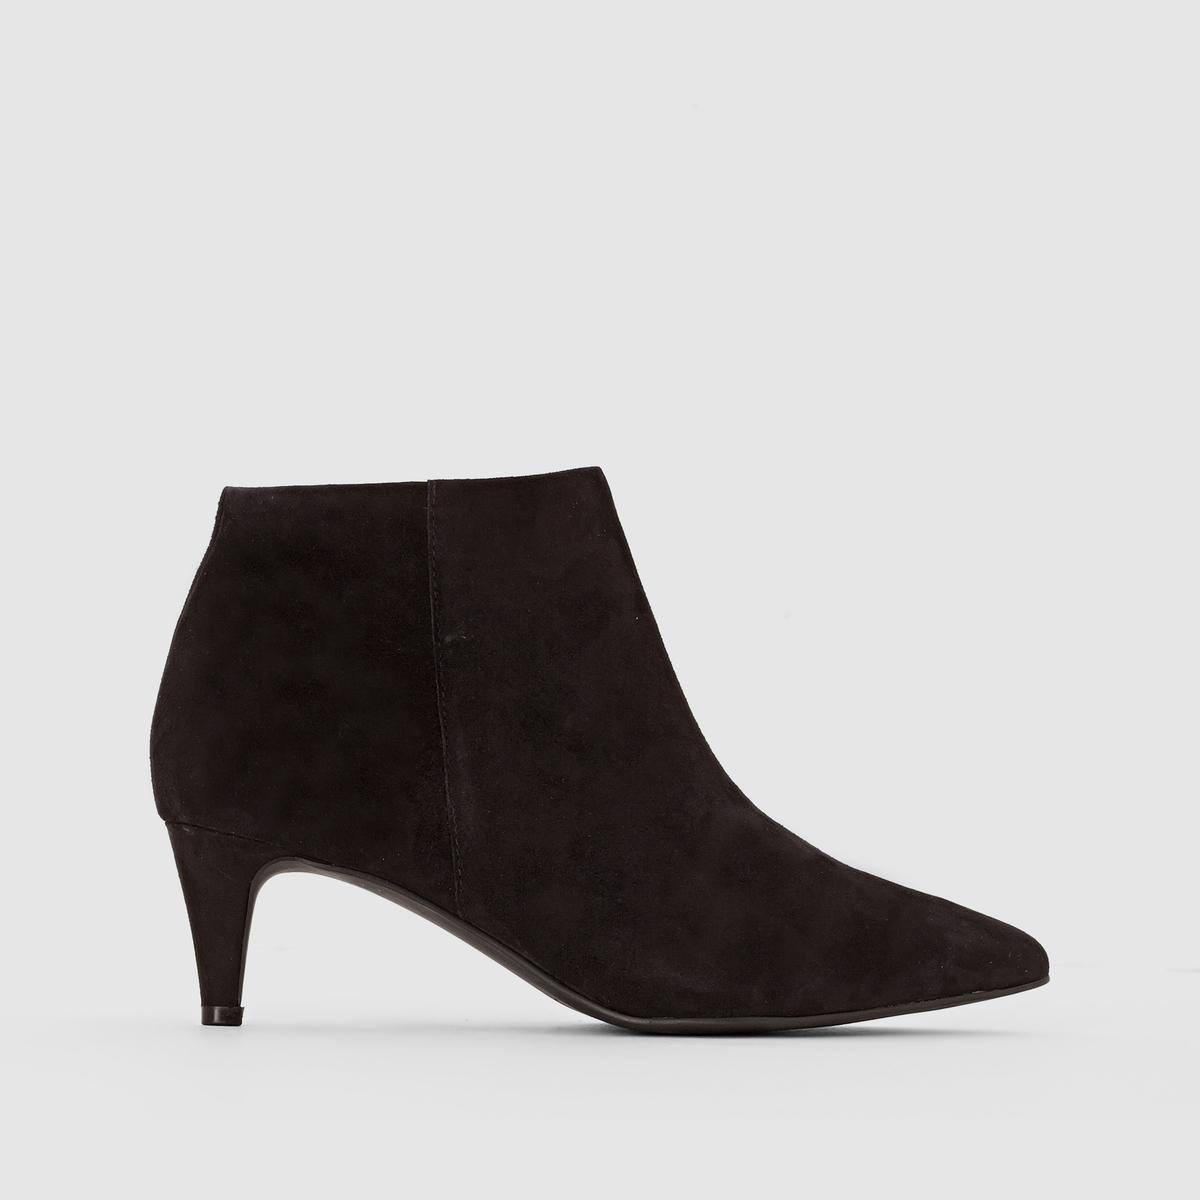 БотильоныПреимущества:   : ботильоны на стильном каблуке-шпильке,остроконечной формы без сомнения выглядят роскошно .<br><br>Цвет: черный